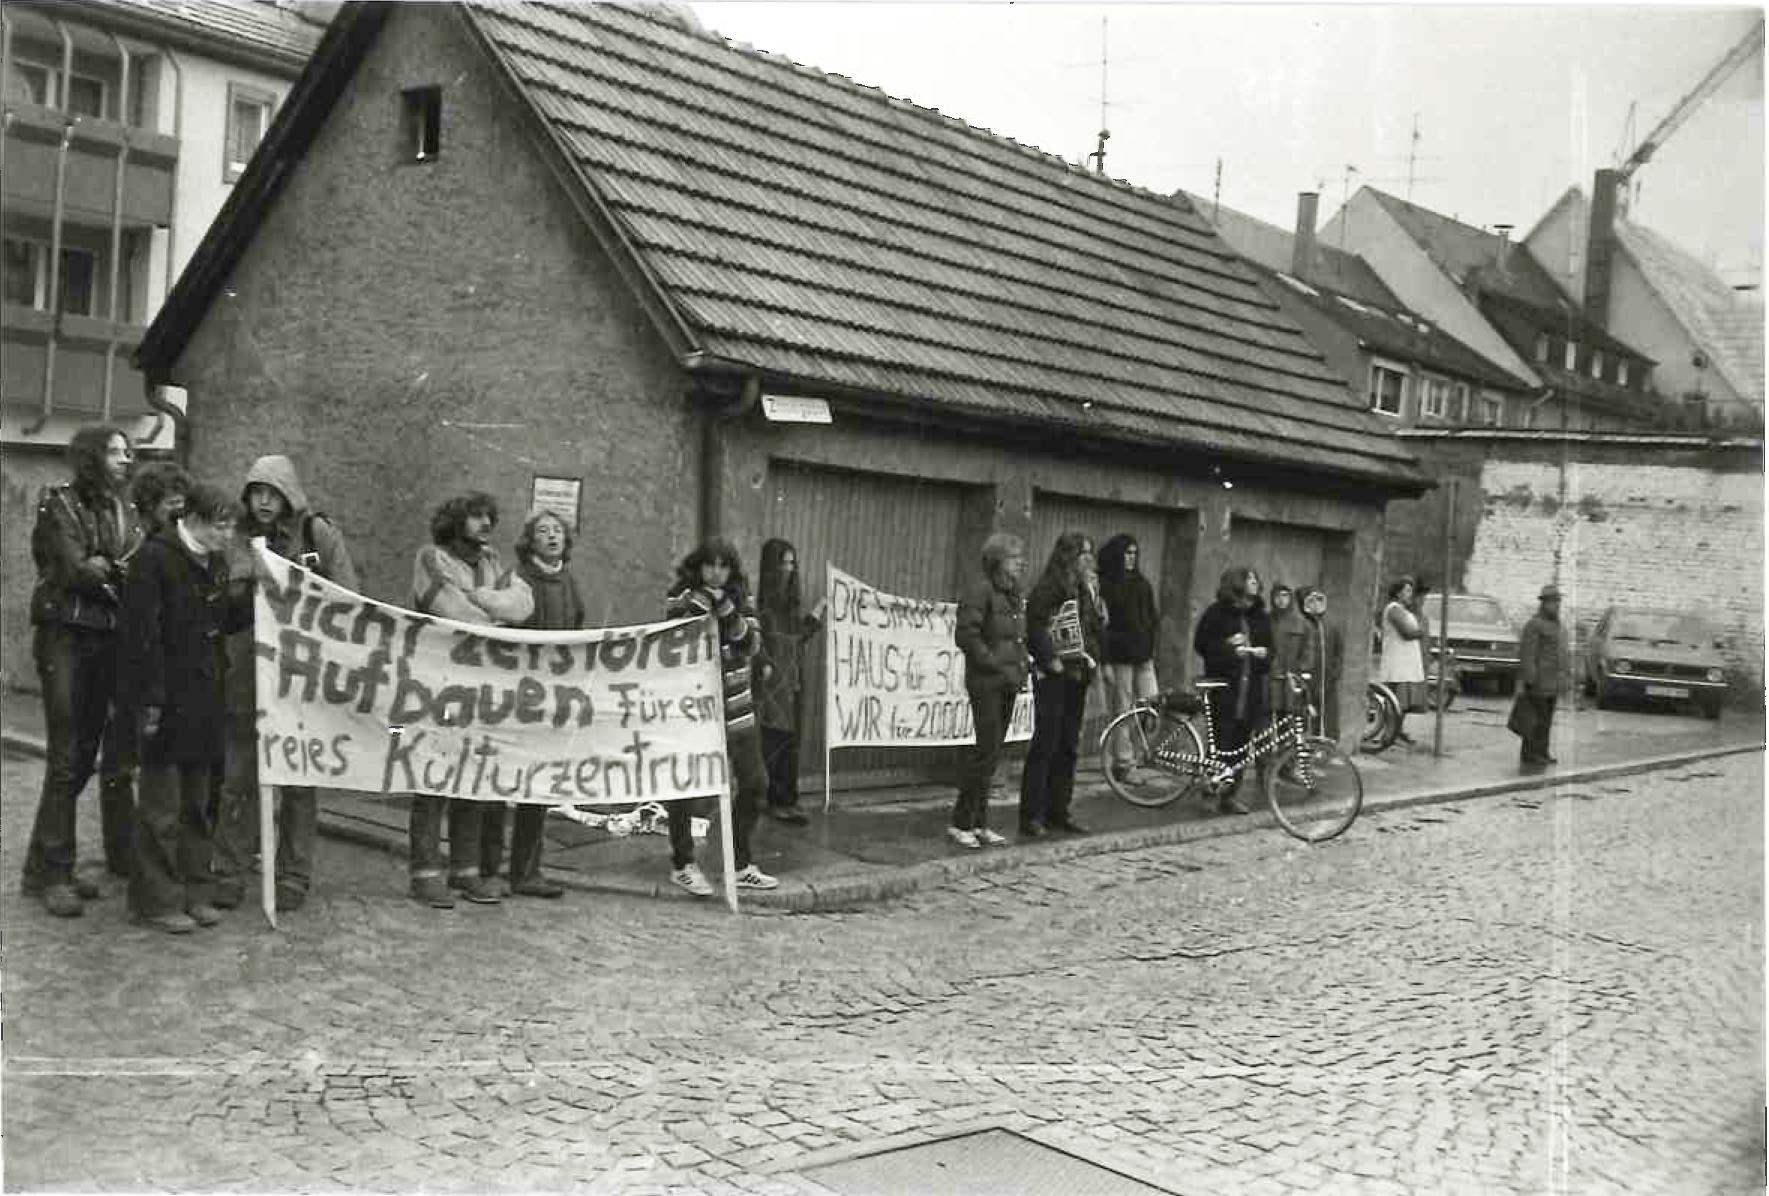 Hausbesetzung Milchzentrale 1985, Villingen-Schwenningen